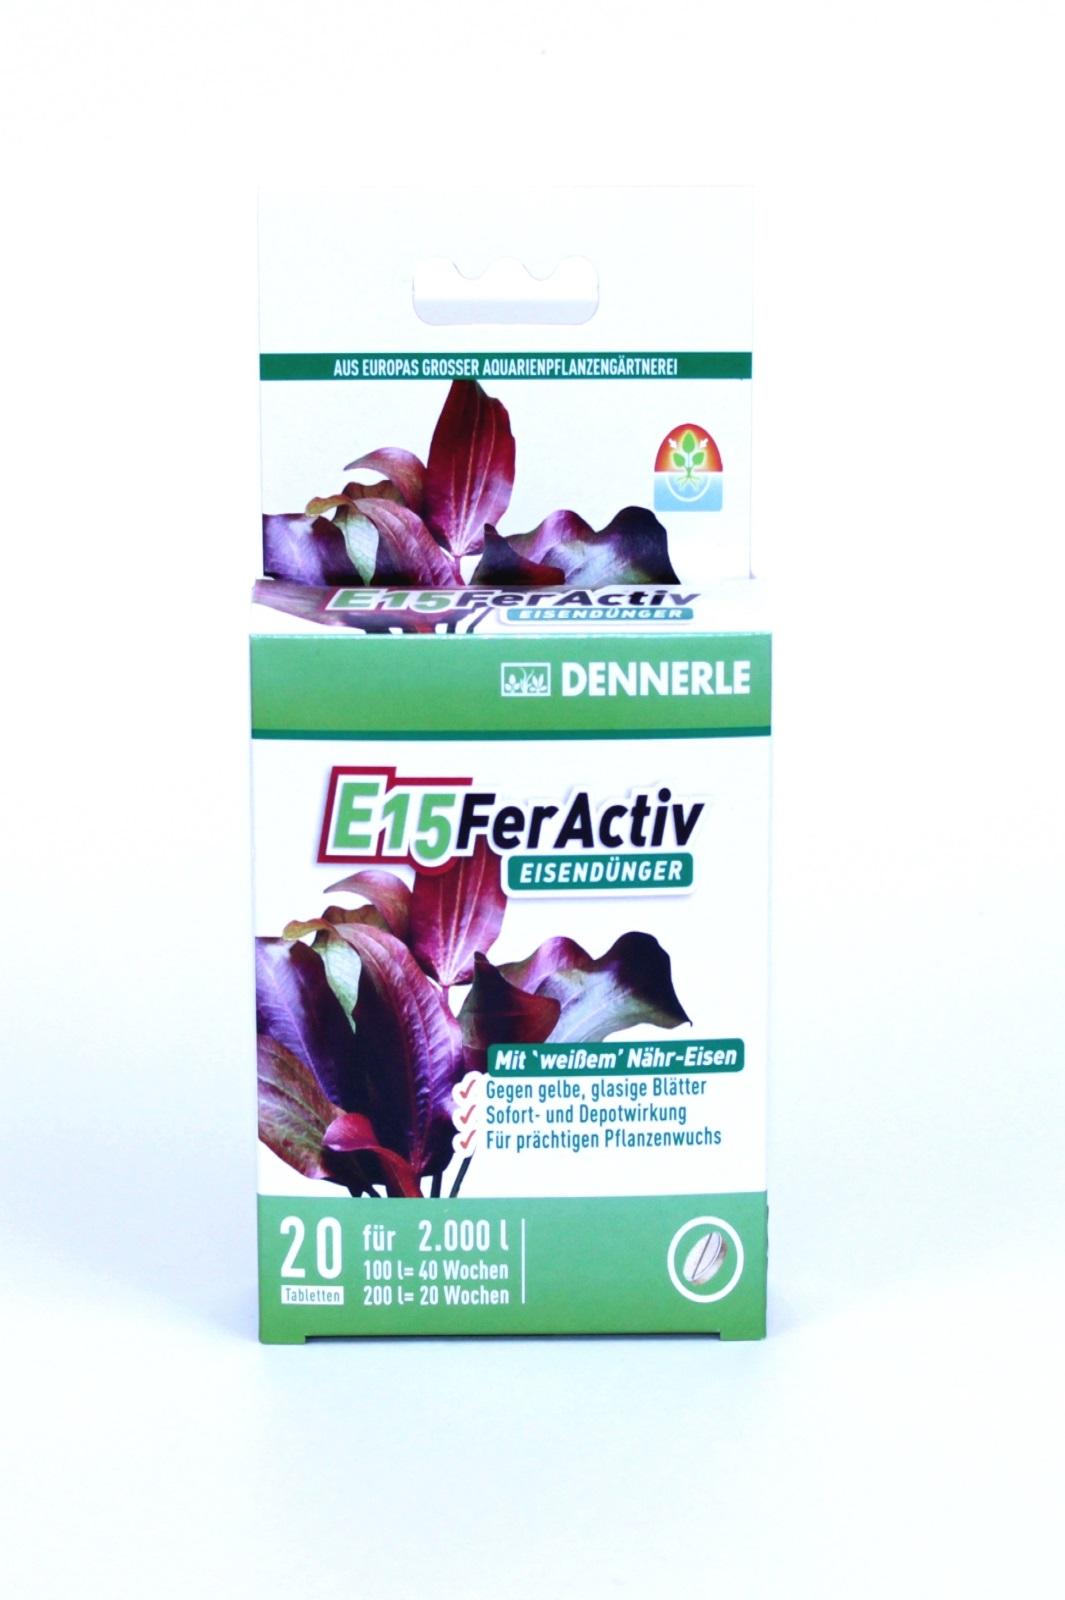 Dennerle E15 FerActiv Eisendünger für Aquarienpflanzen 20 ST